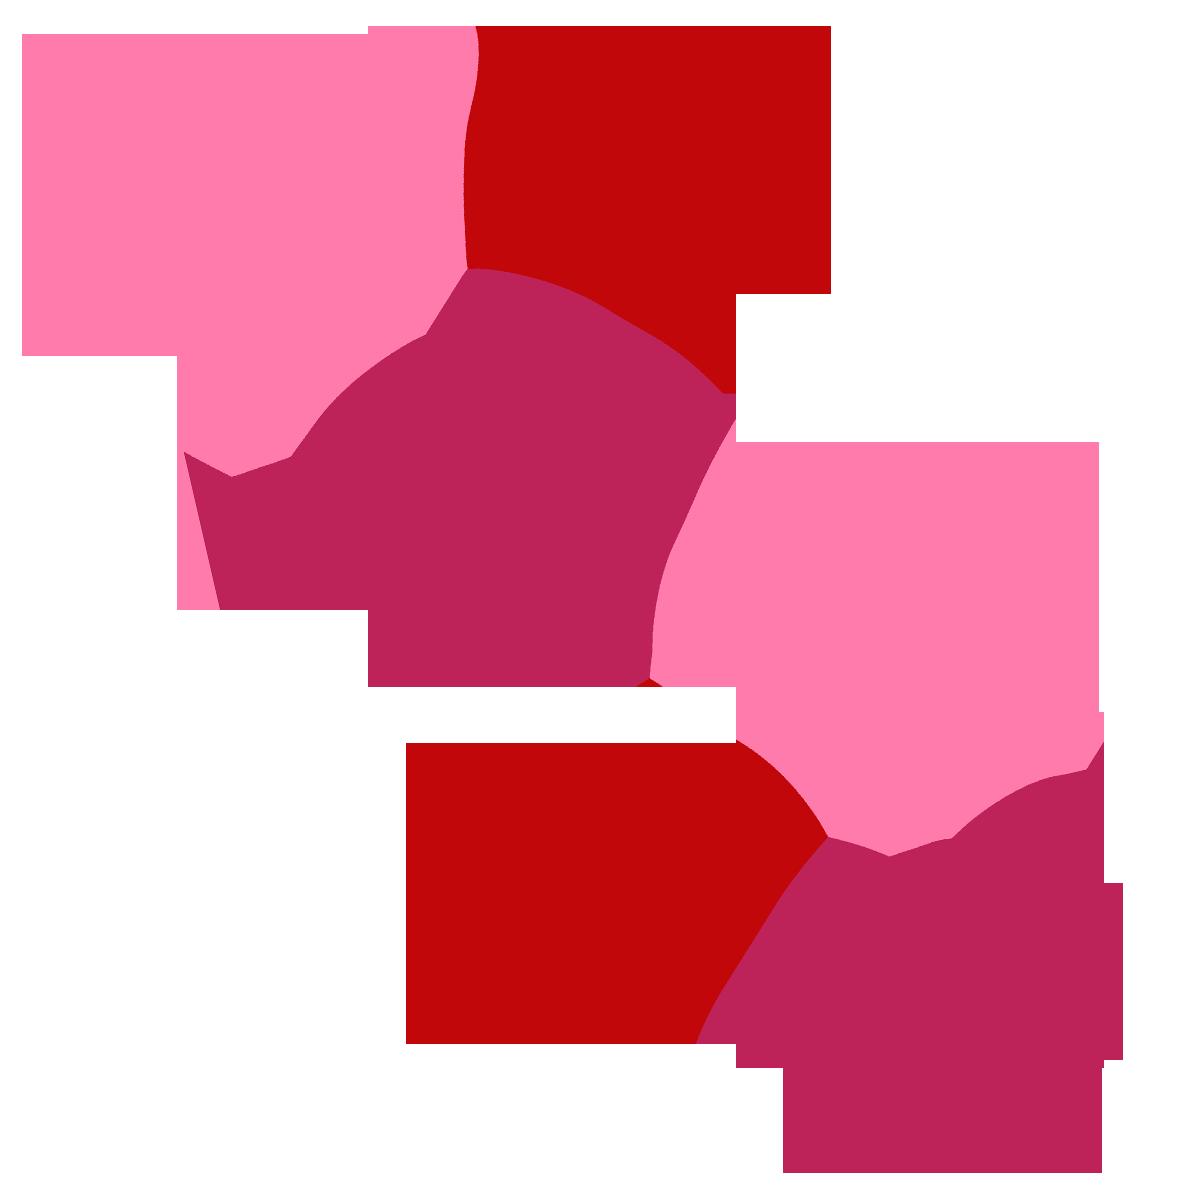 Hearts Heart Clip Art Heart Image 3-Hearts heart clip art heart image 3-7